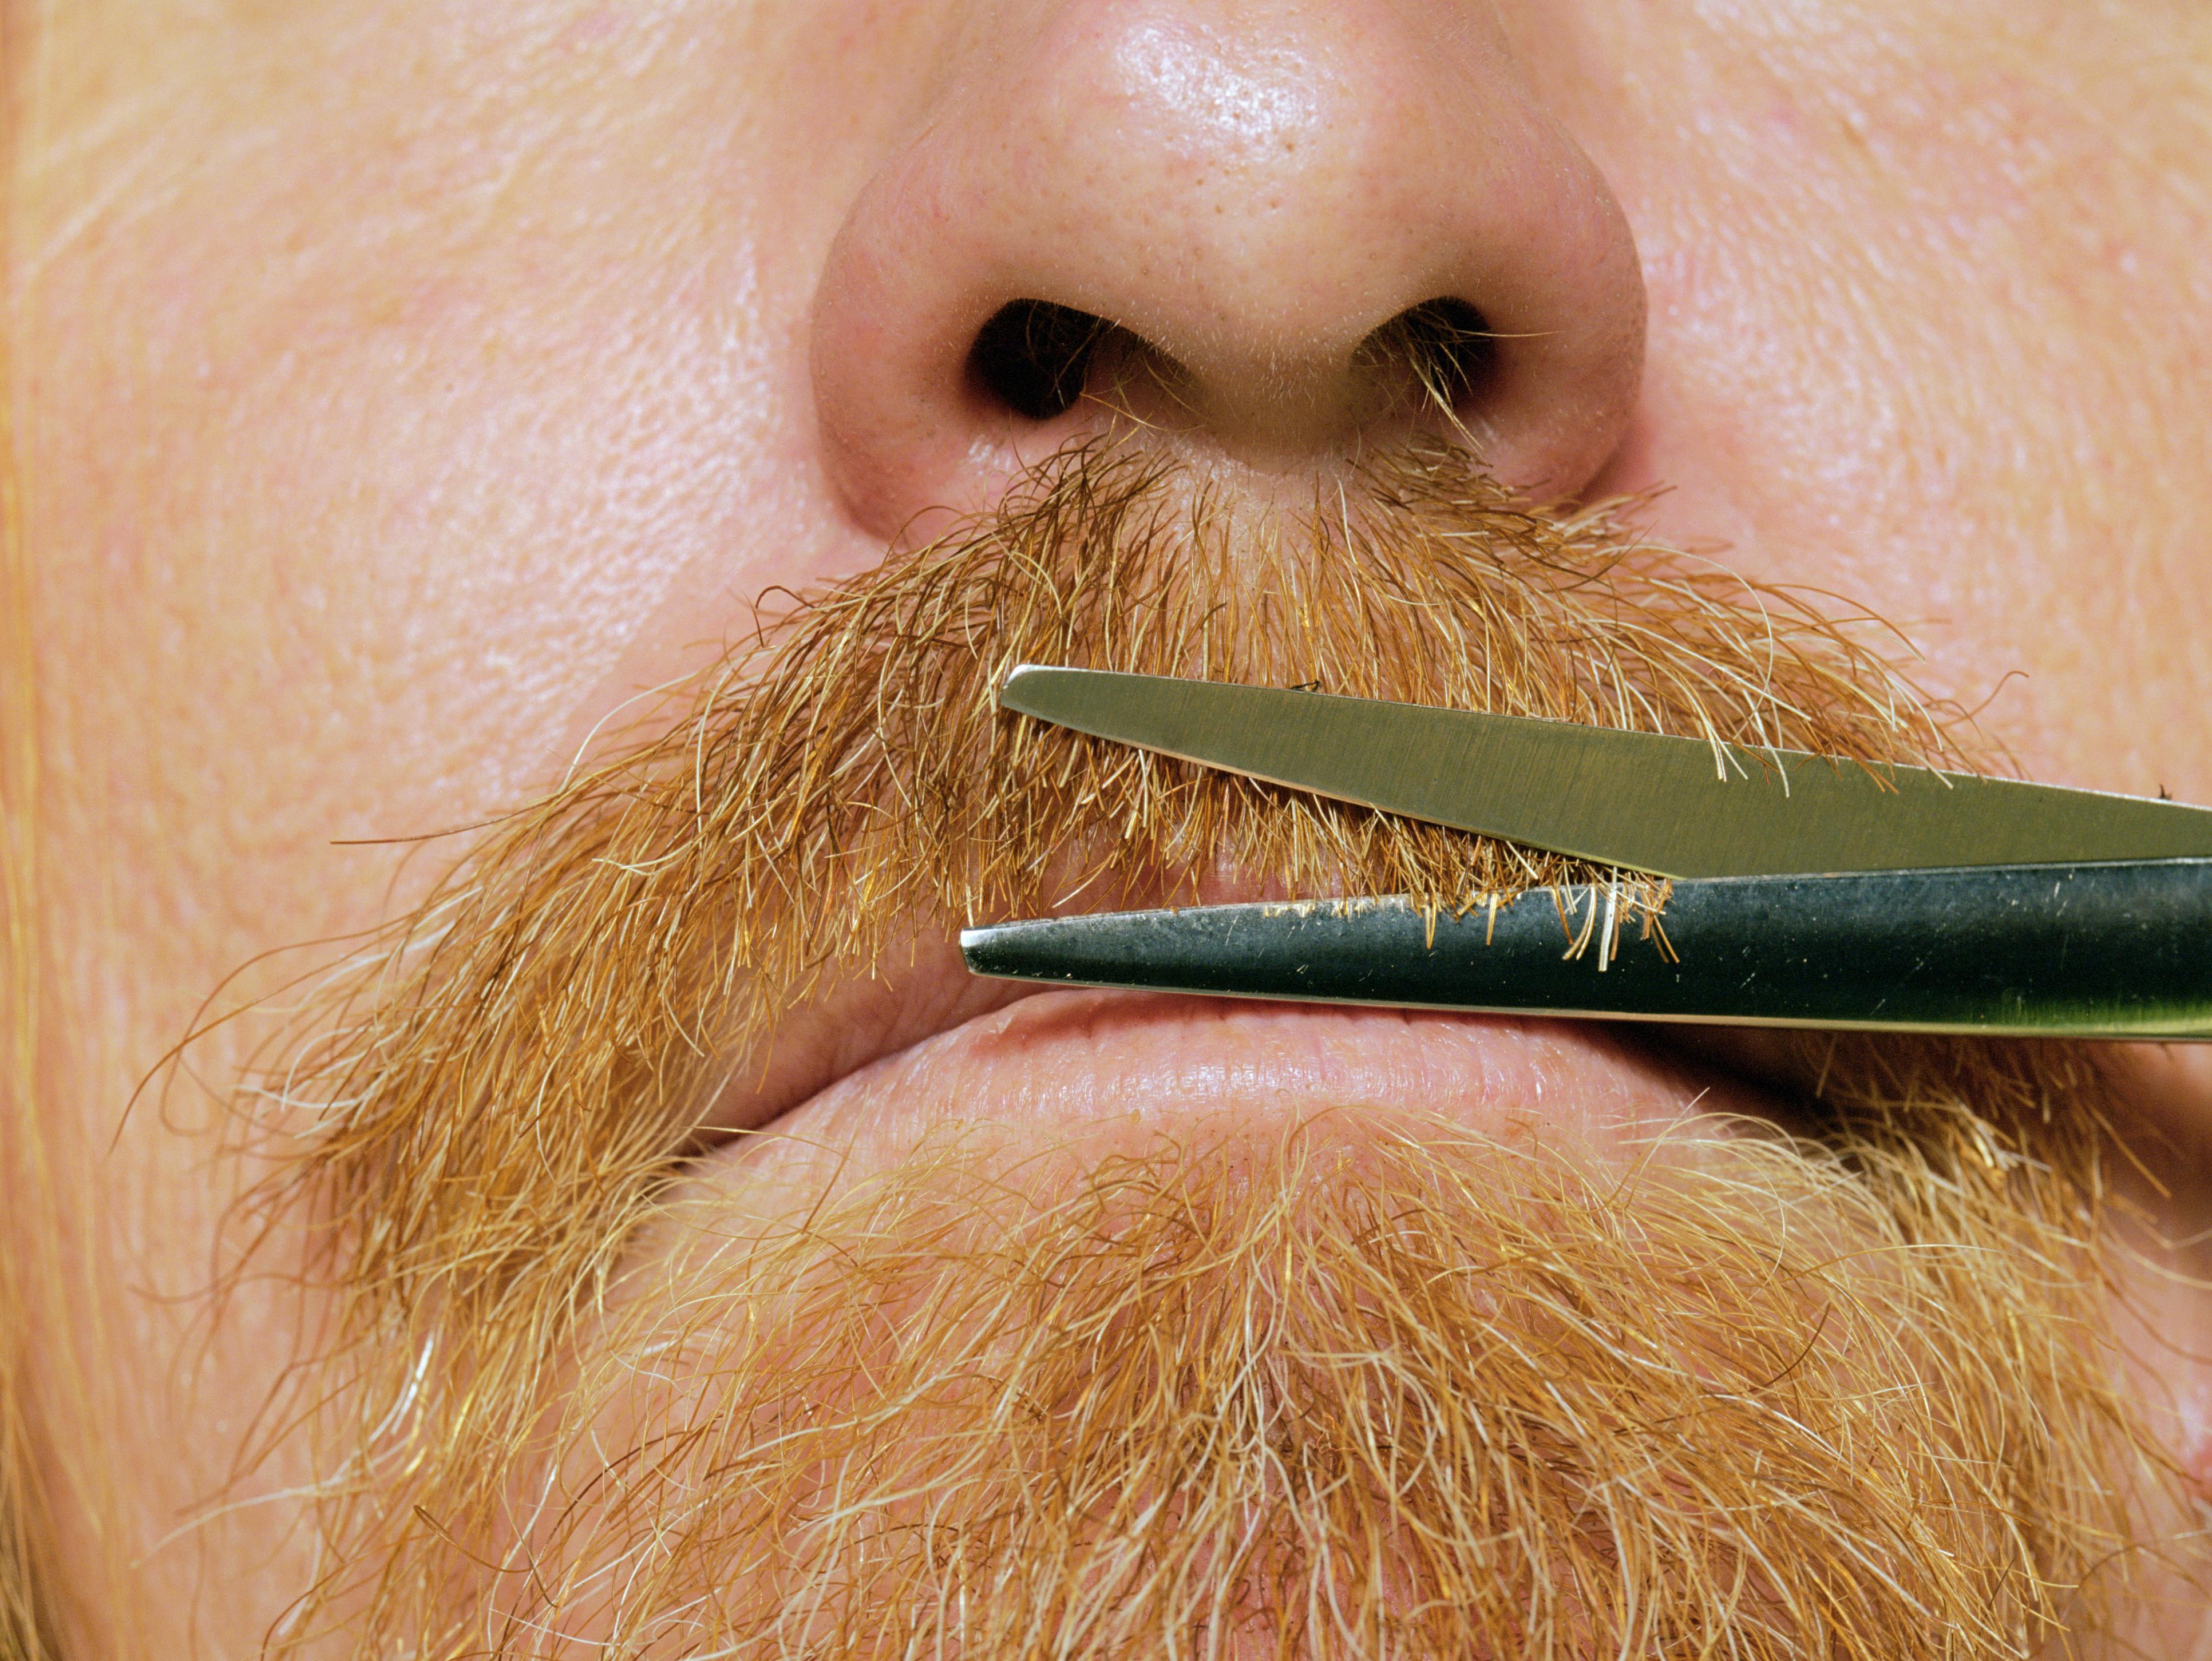 Is Your Beard Putting You At Risk For The Coronavirus Coronavirus Updates Npr